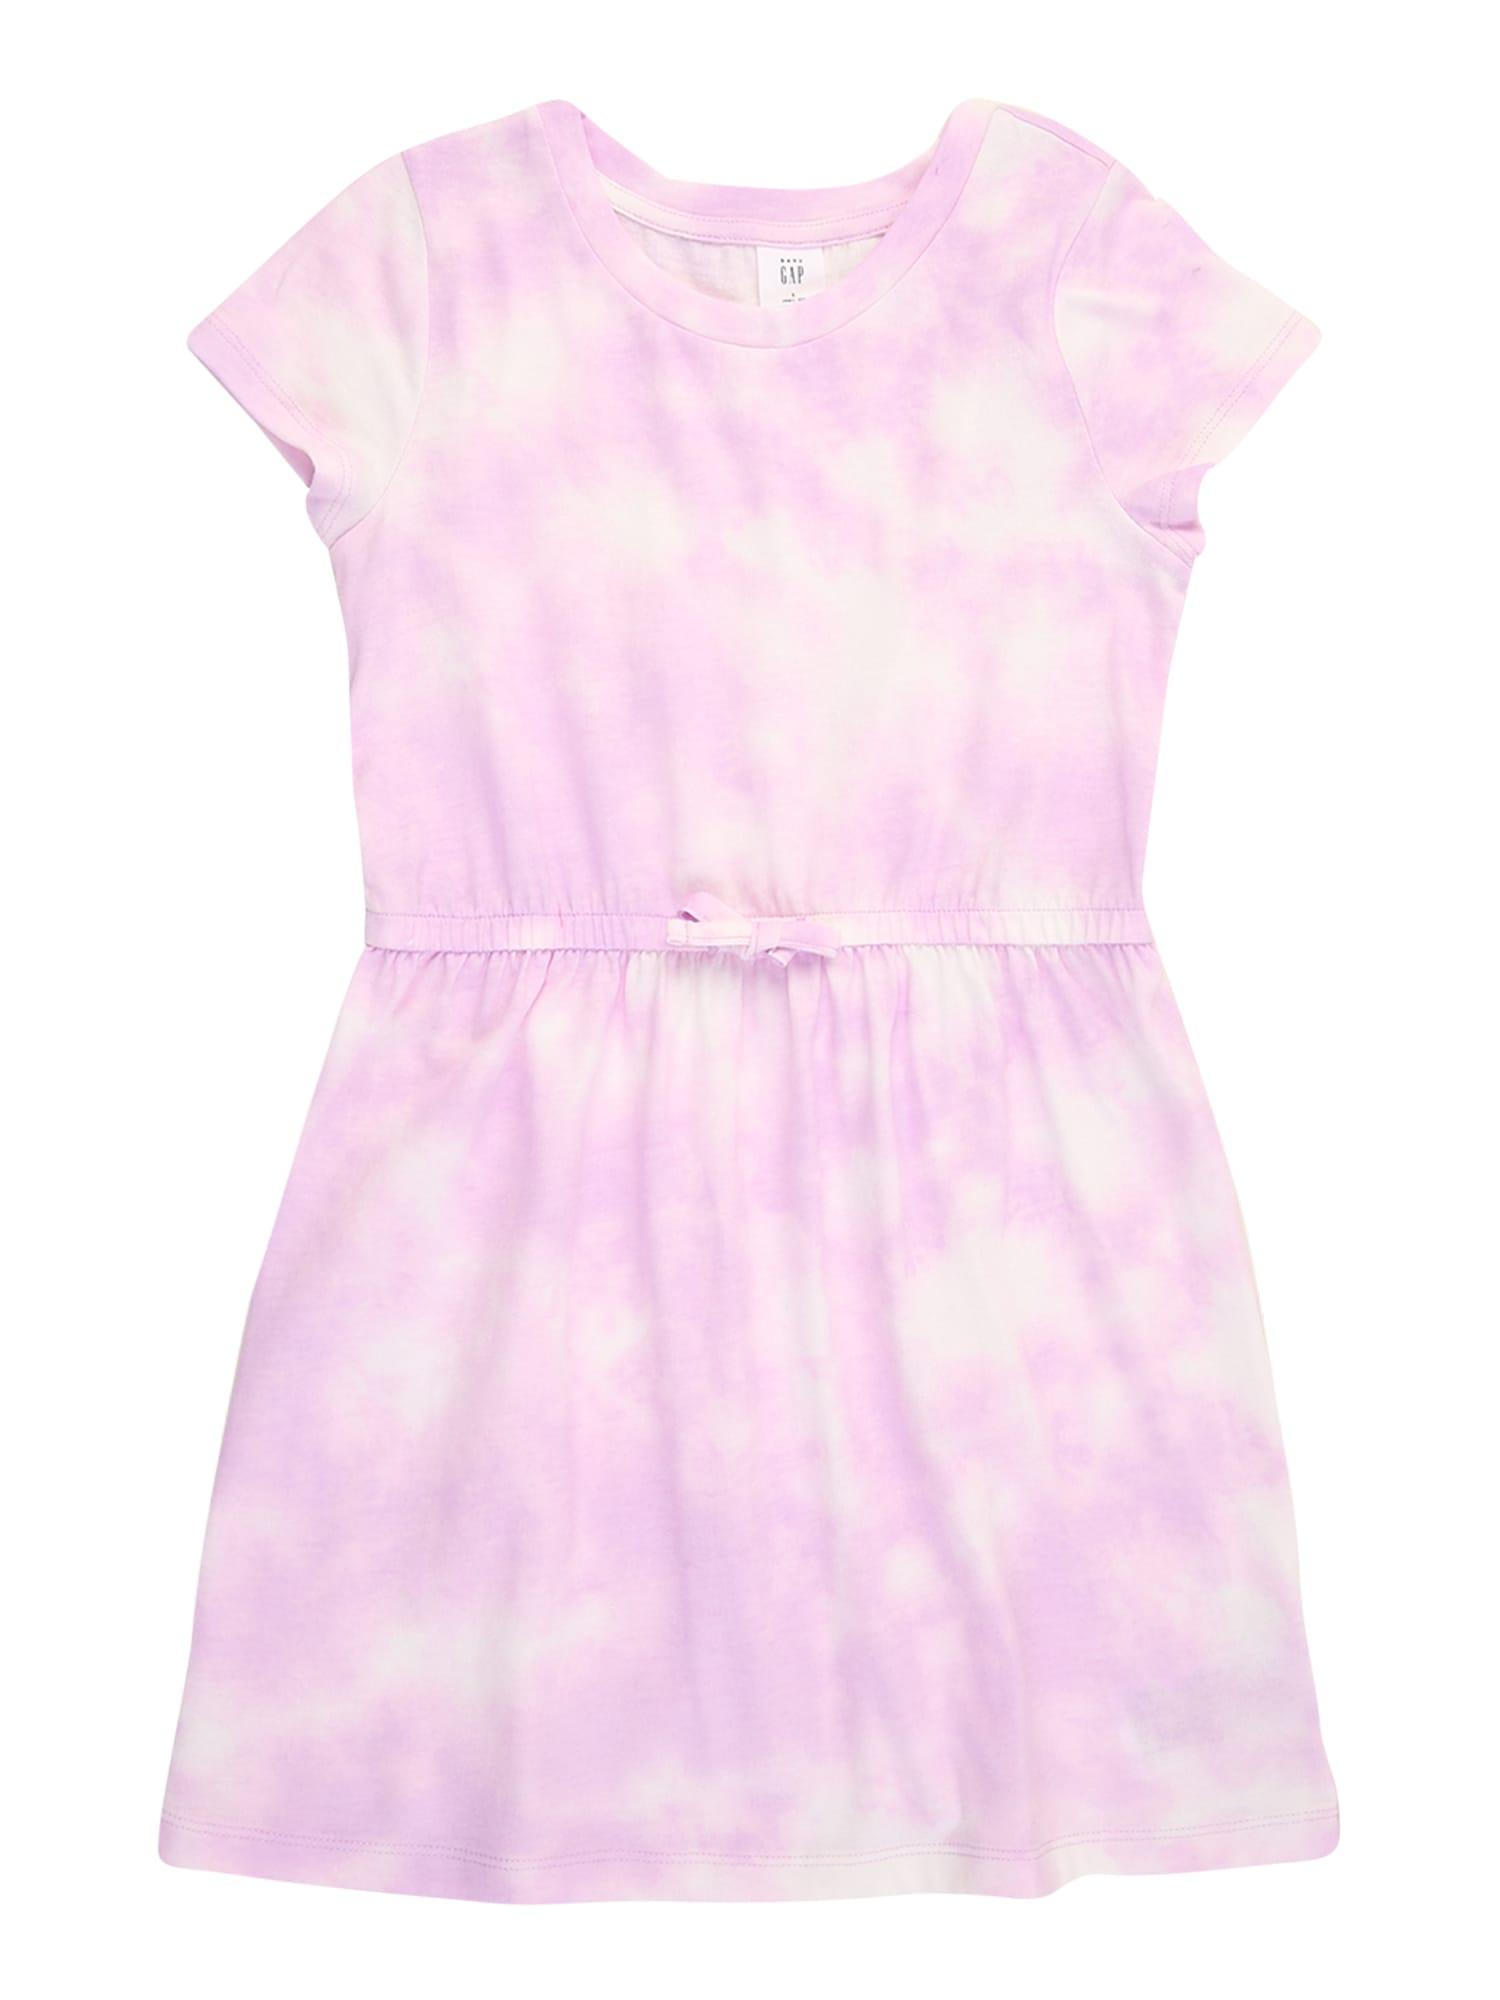 GAP Suknelė pastelinė violetinė / rausvai violetinė spalva